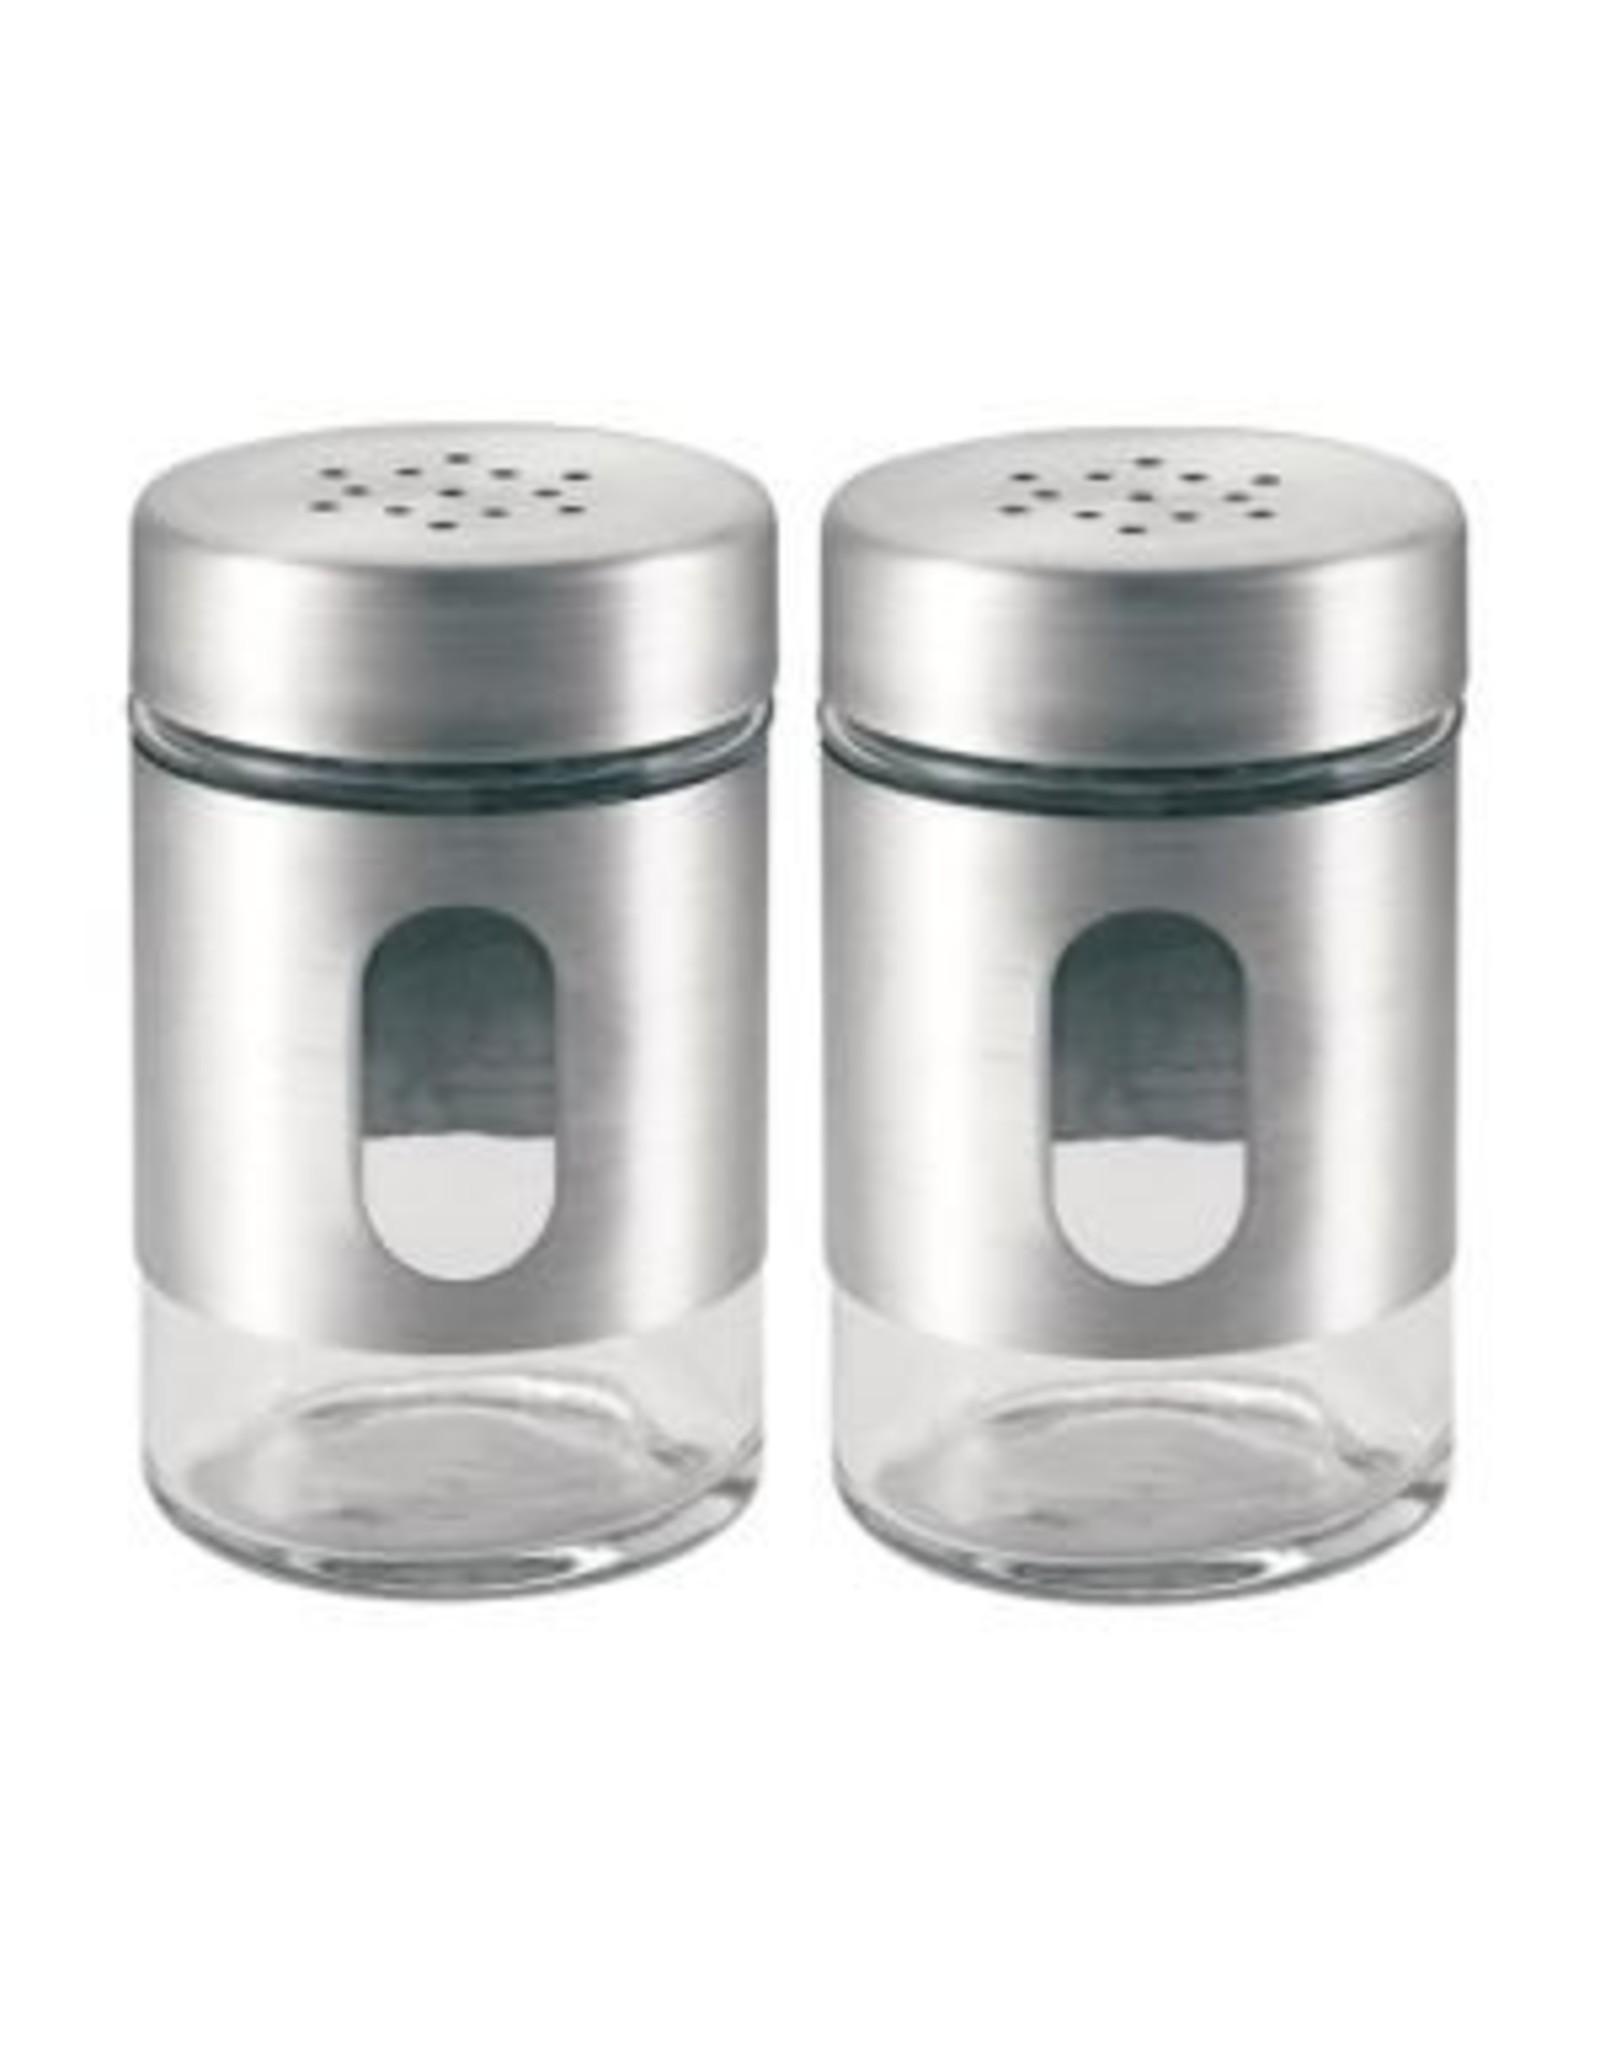 Peper- en zoutstel (RVS) - Body & Soap